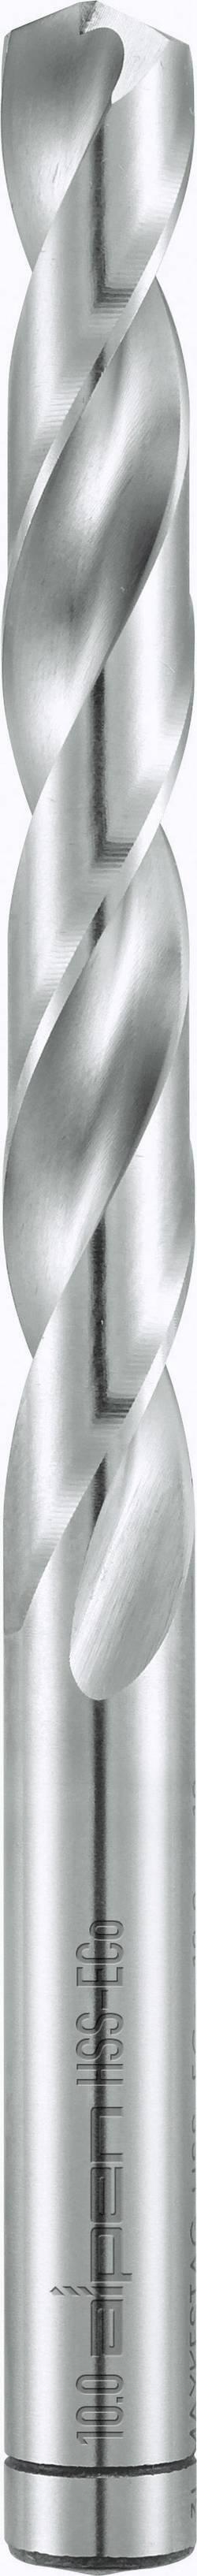 HSS-E Foret pour le métal 5 mm Alpen 62300500100 Longueur 86 mm Cobalt DIN 338 tige cylindrique 1 pc(s)